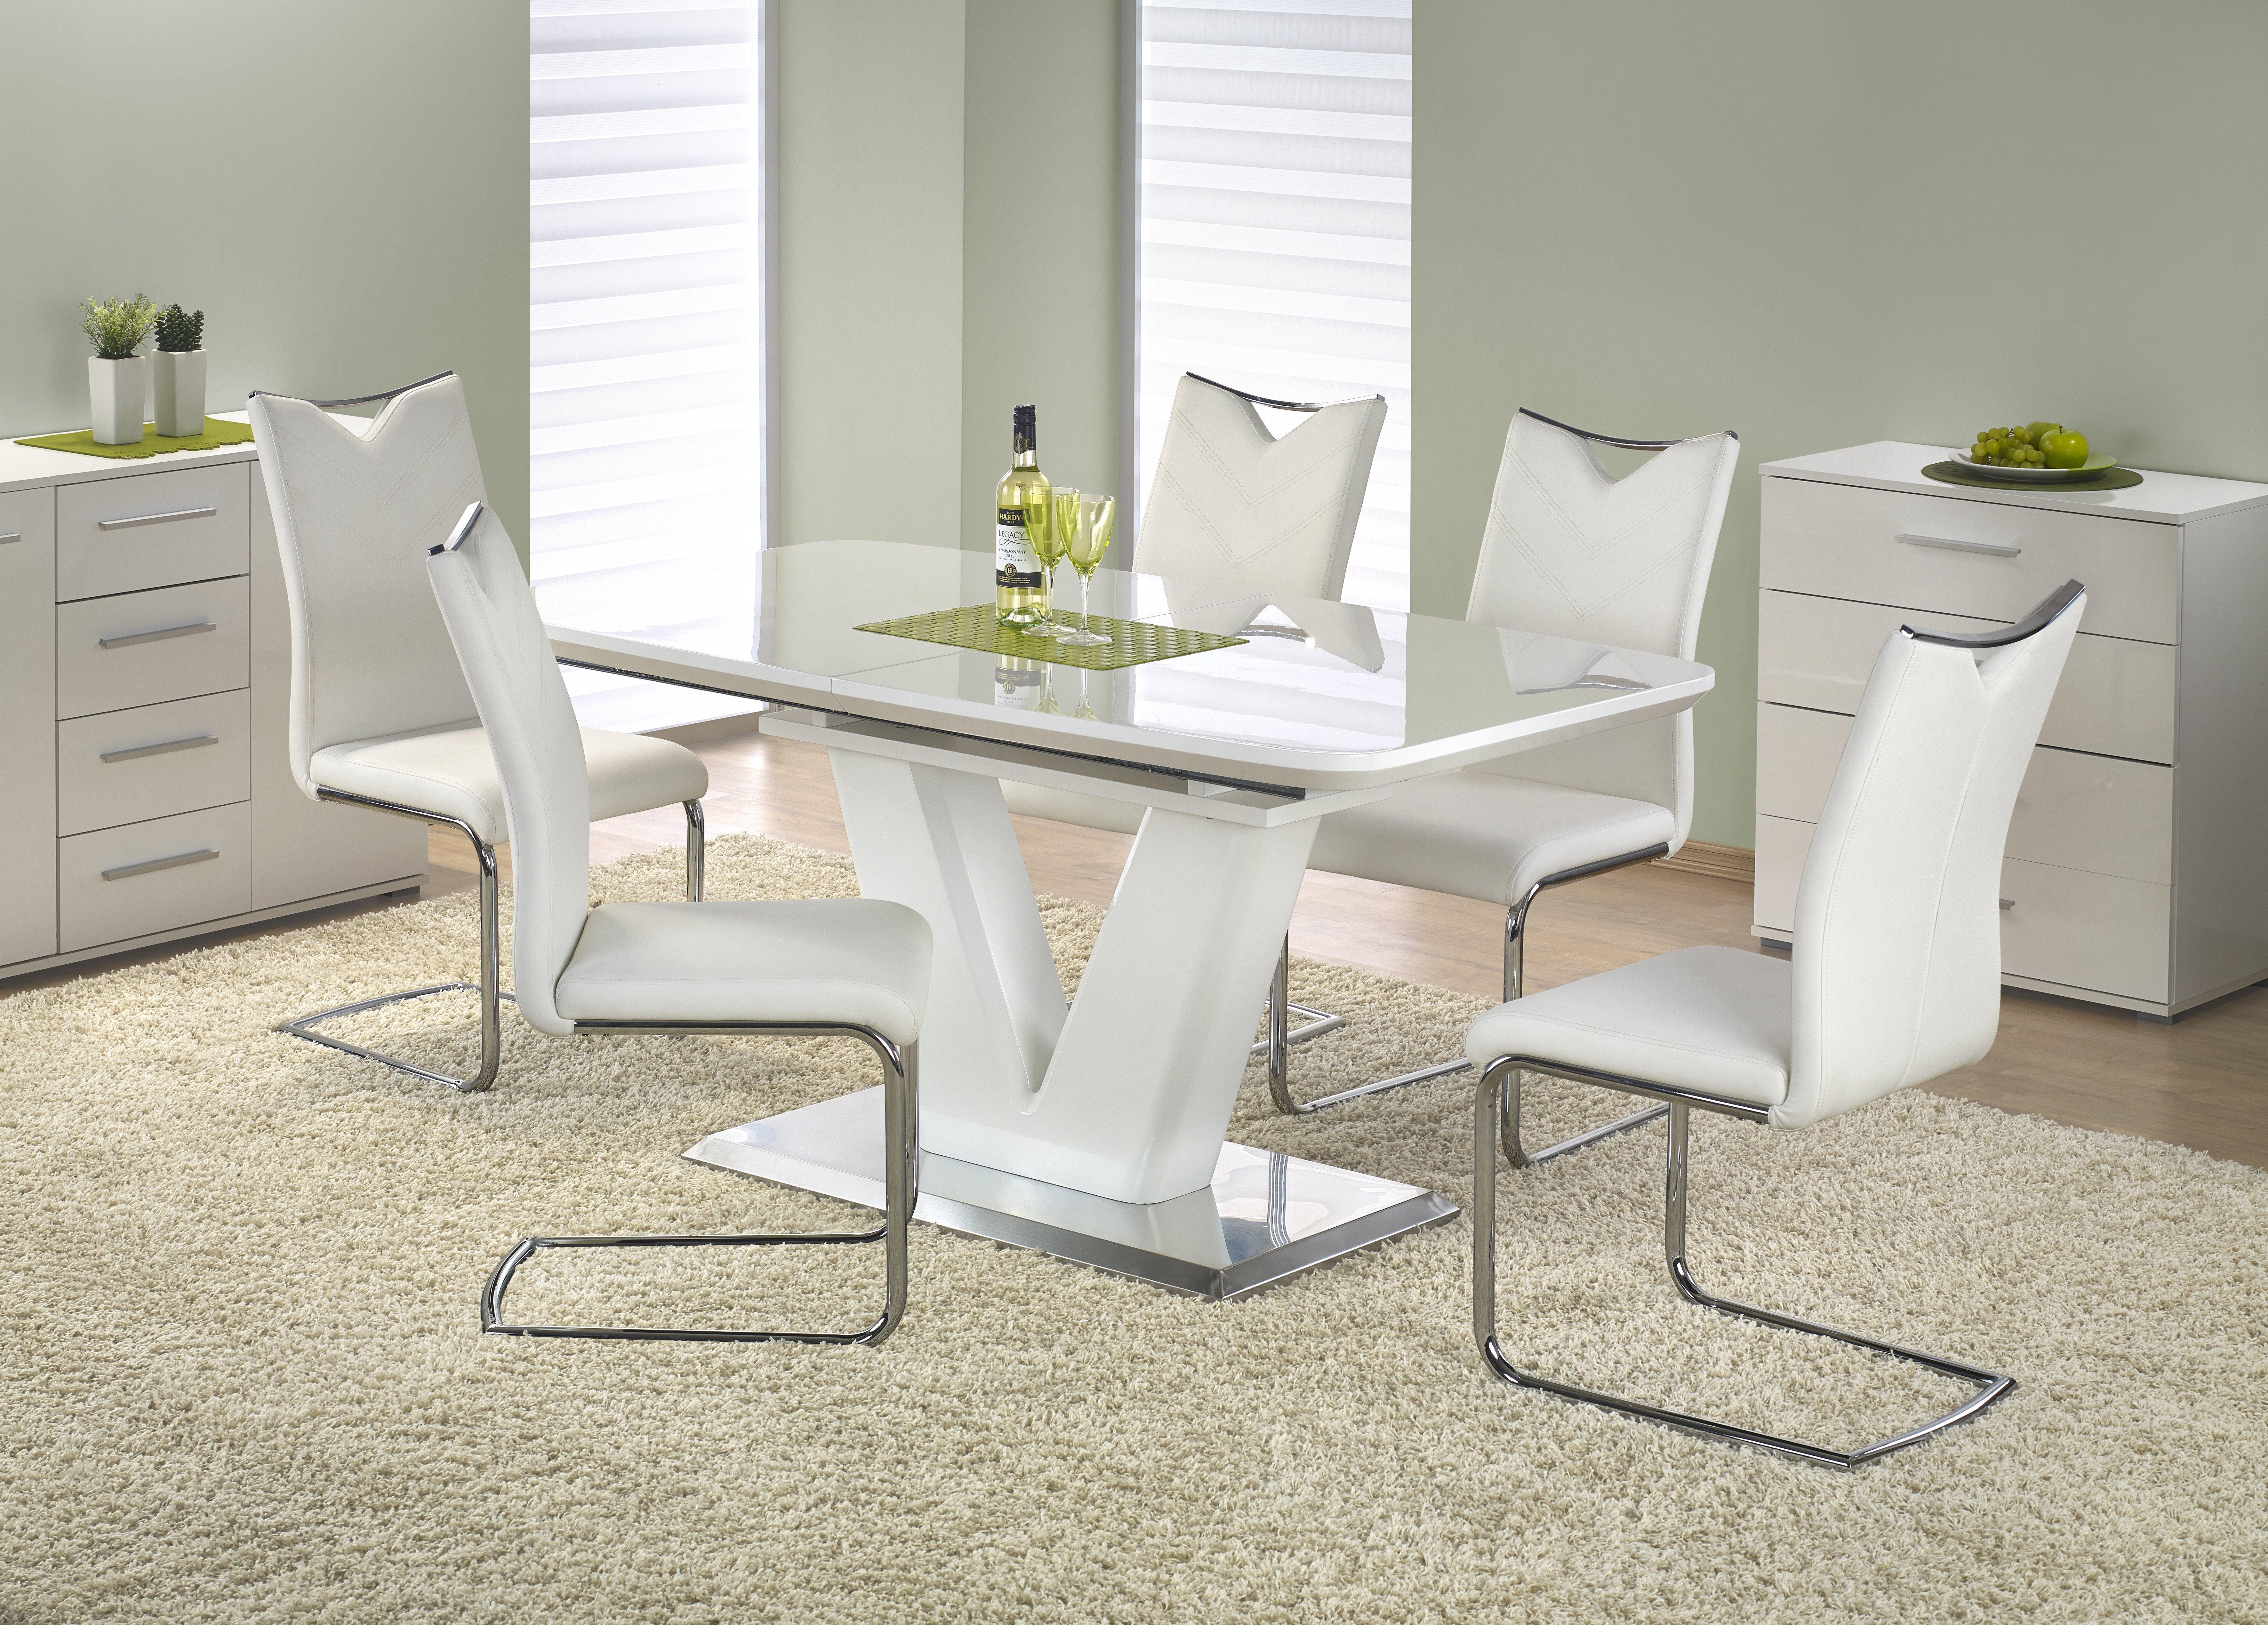 Jedálenský stôl - Halmar - Mistral (pre 6 až 8 osôb). Doprava ZDARMA. Sme autorizovaný predajca Halmar. Vlastná spoľahlivá doprava až k Vám domov.